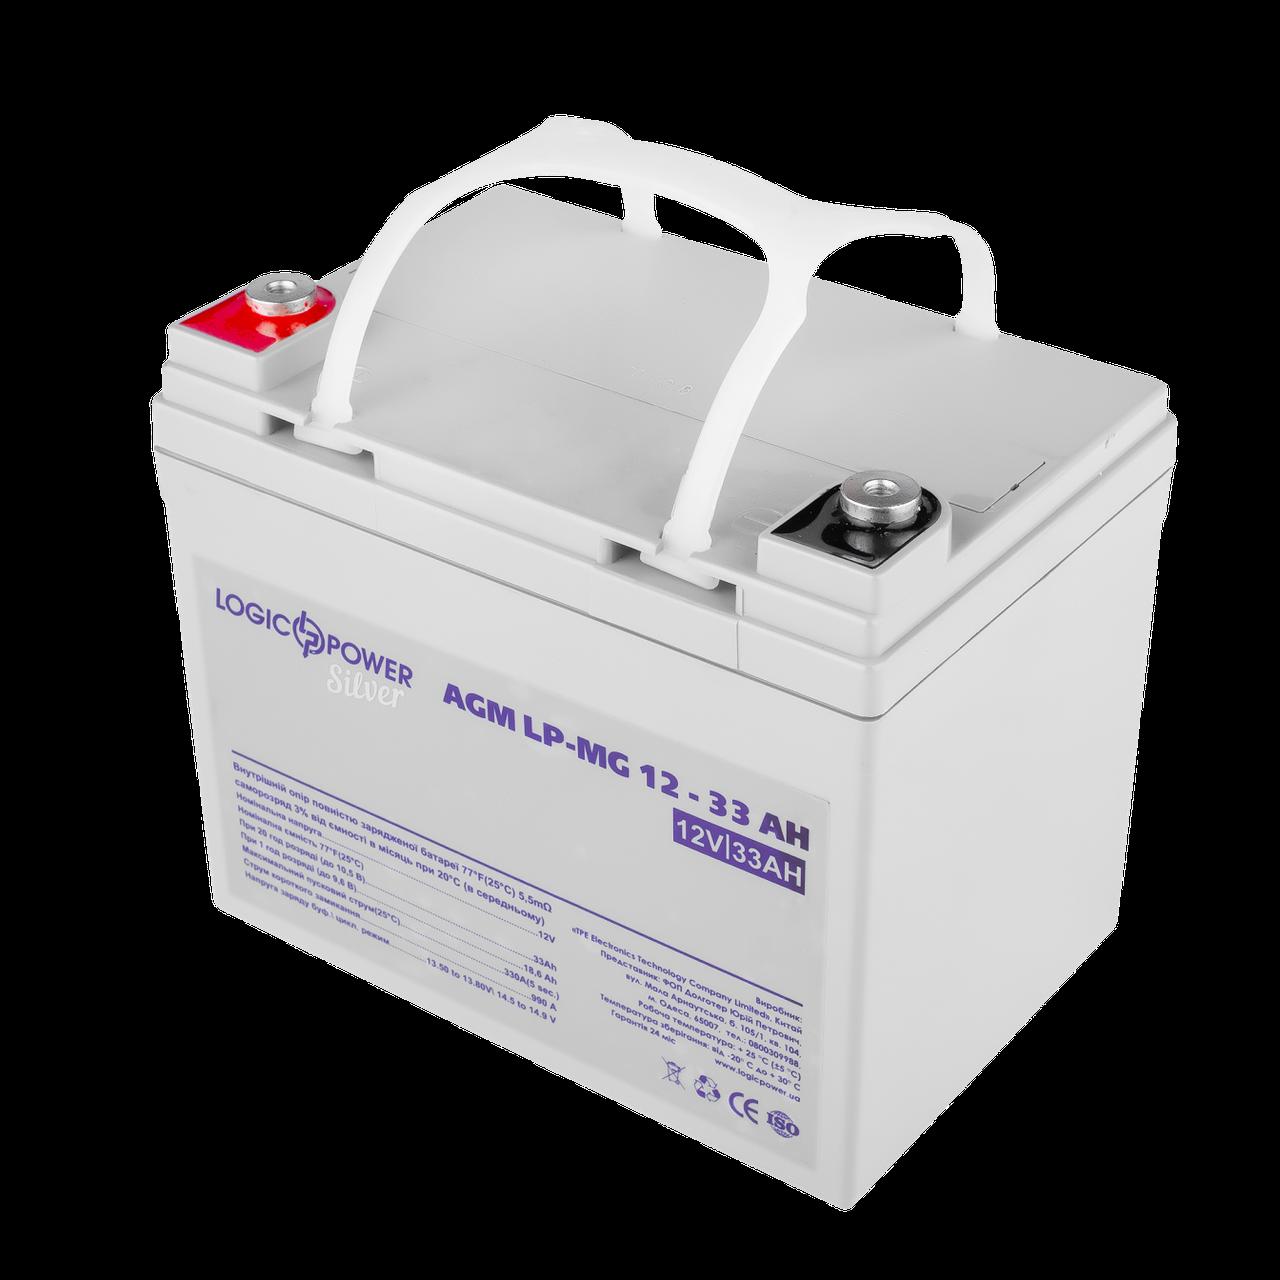 Аккумулятор мультигелевый AGM LogicPower LP-MG 12 - 33 AH